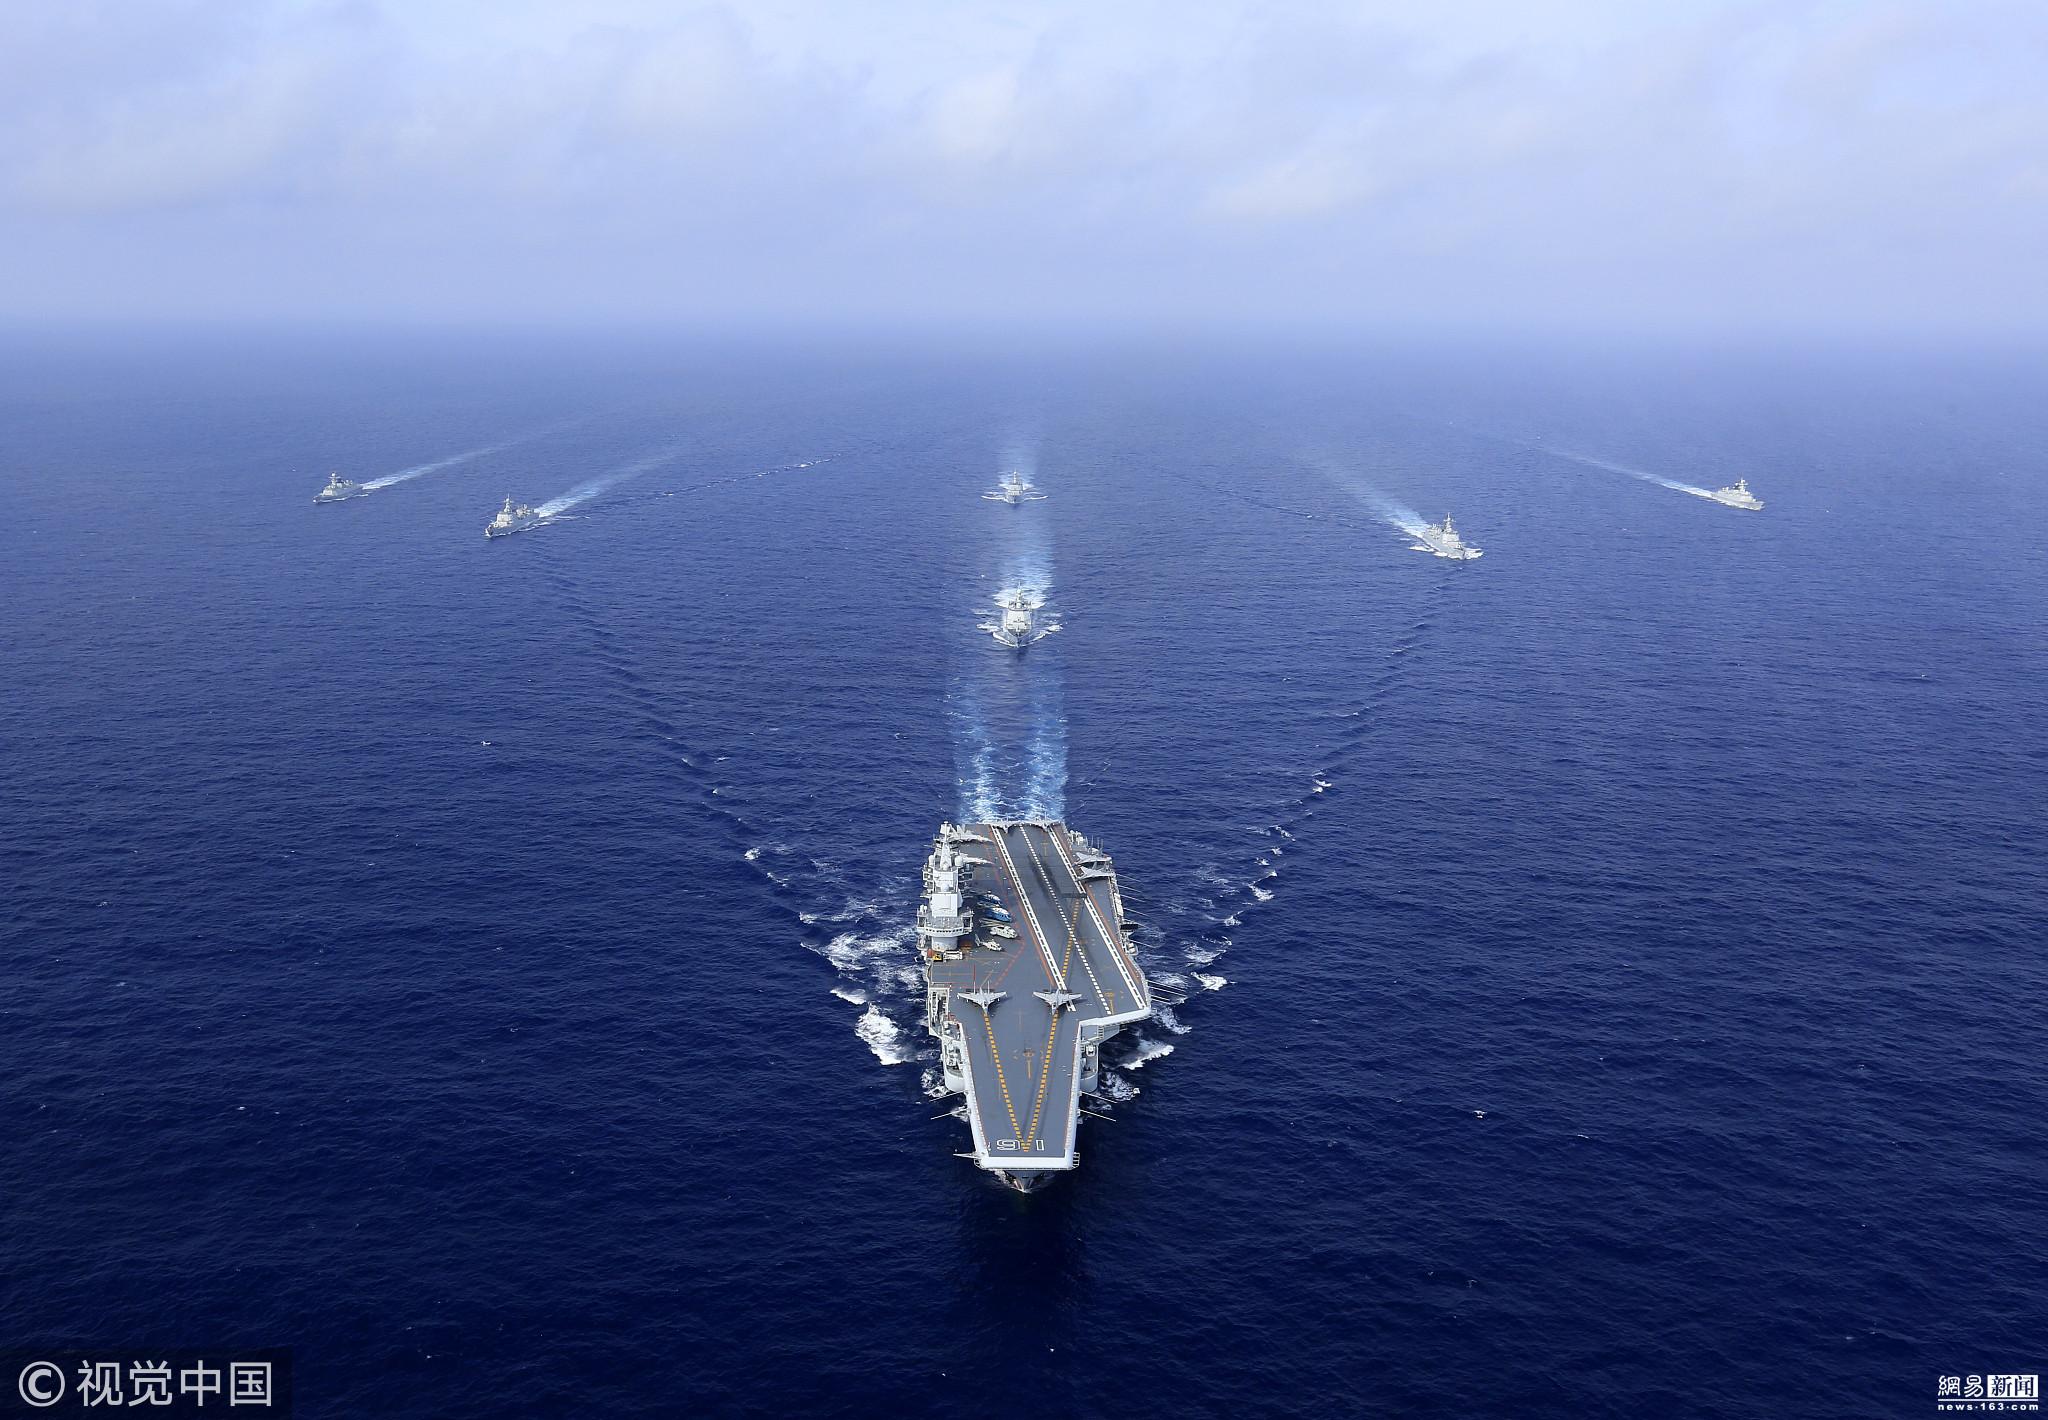 阅兵结束后编队迅即出航,出巴士海峡、奔西太平洋、过宫古海峡、进入东海。按照远近海衔接、大范围机动、全程对抗检验的思路,先后开展突破潜艇威胁区、远海制海制空作战和复杂海况下舰载战斗机起降、陌生海空域战术对抗等训练,并同步带动各战区海军水面舰艇、潜艇、航空兵和岸导部队参训,航行一路、对抗一路、提高一路,锻炼提升了编队体系作战能力。图为2018年4月15日,进行起飞前的异物排查。